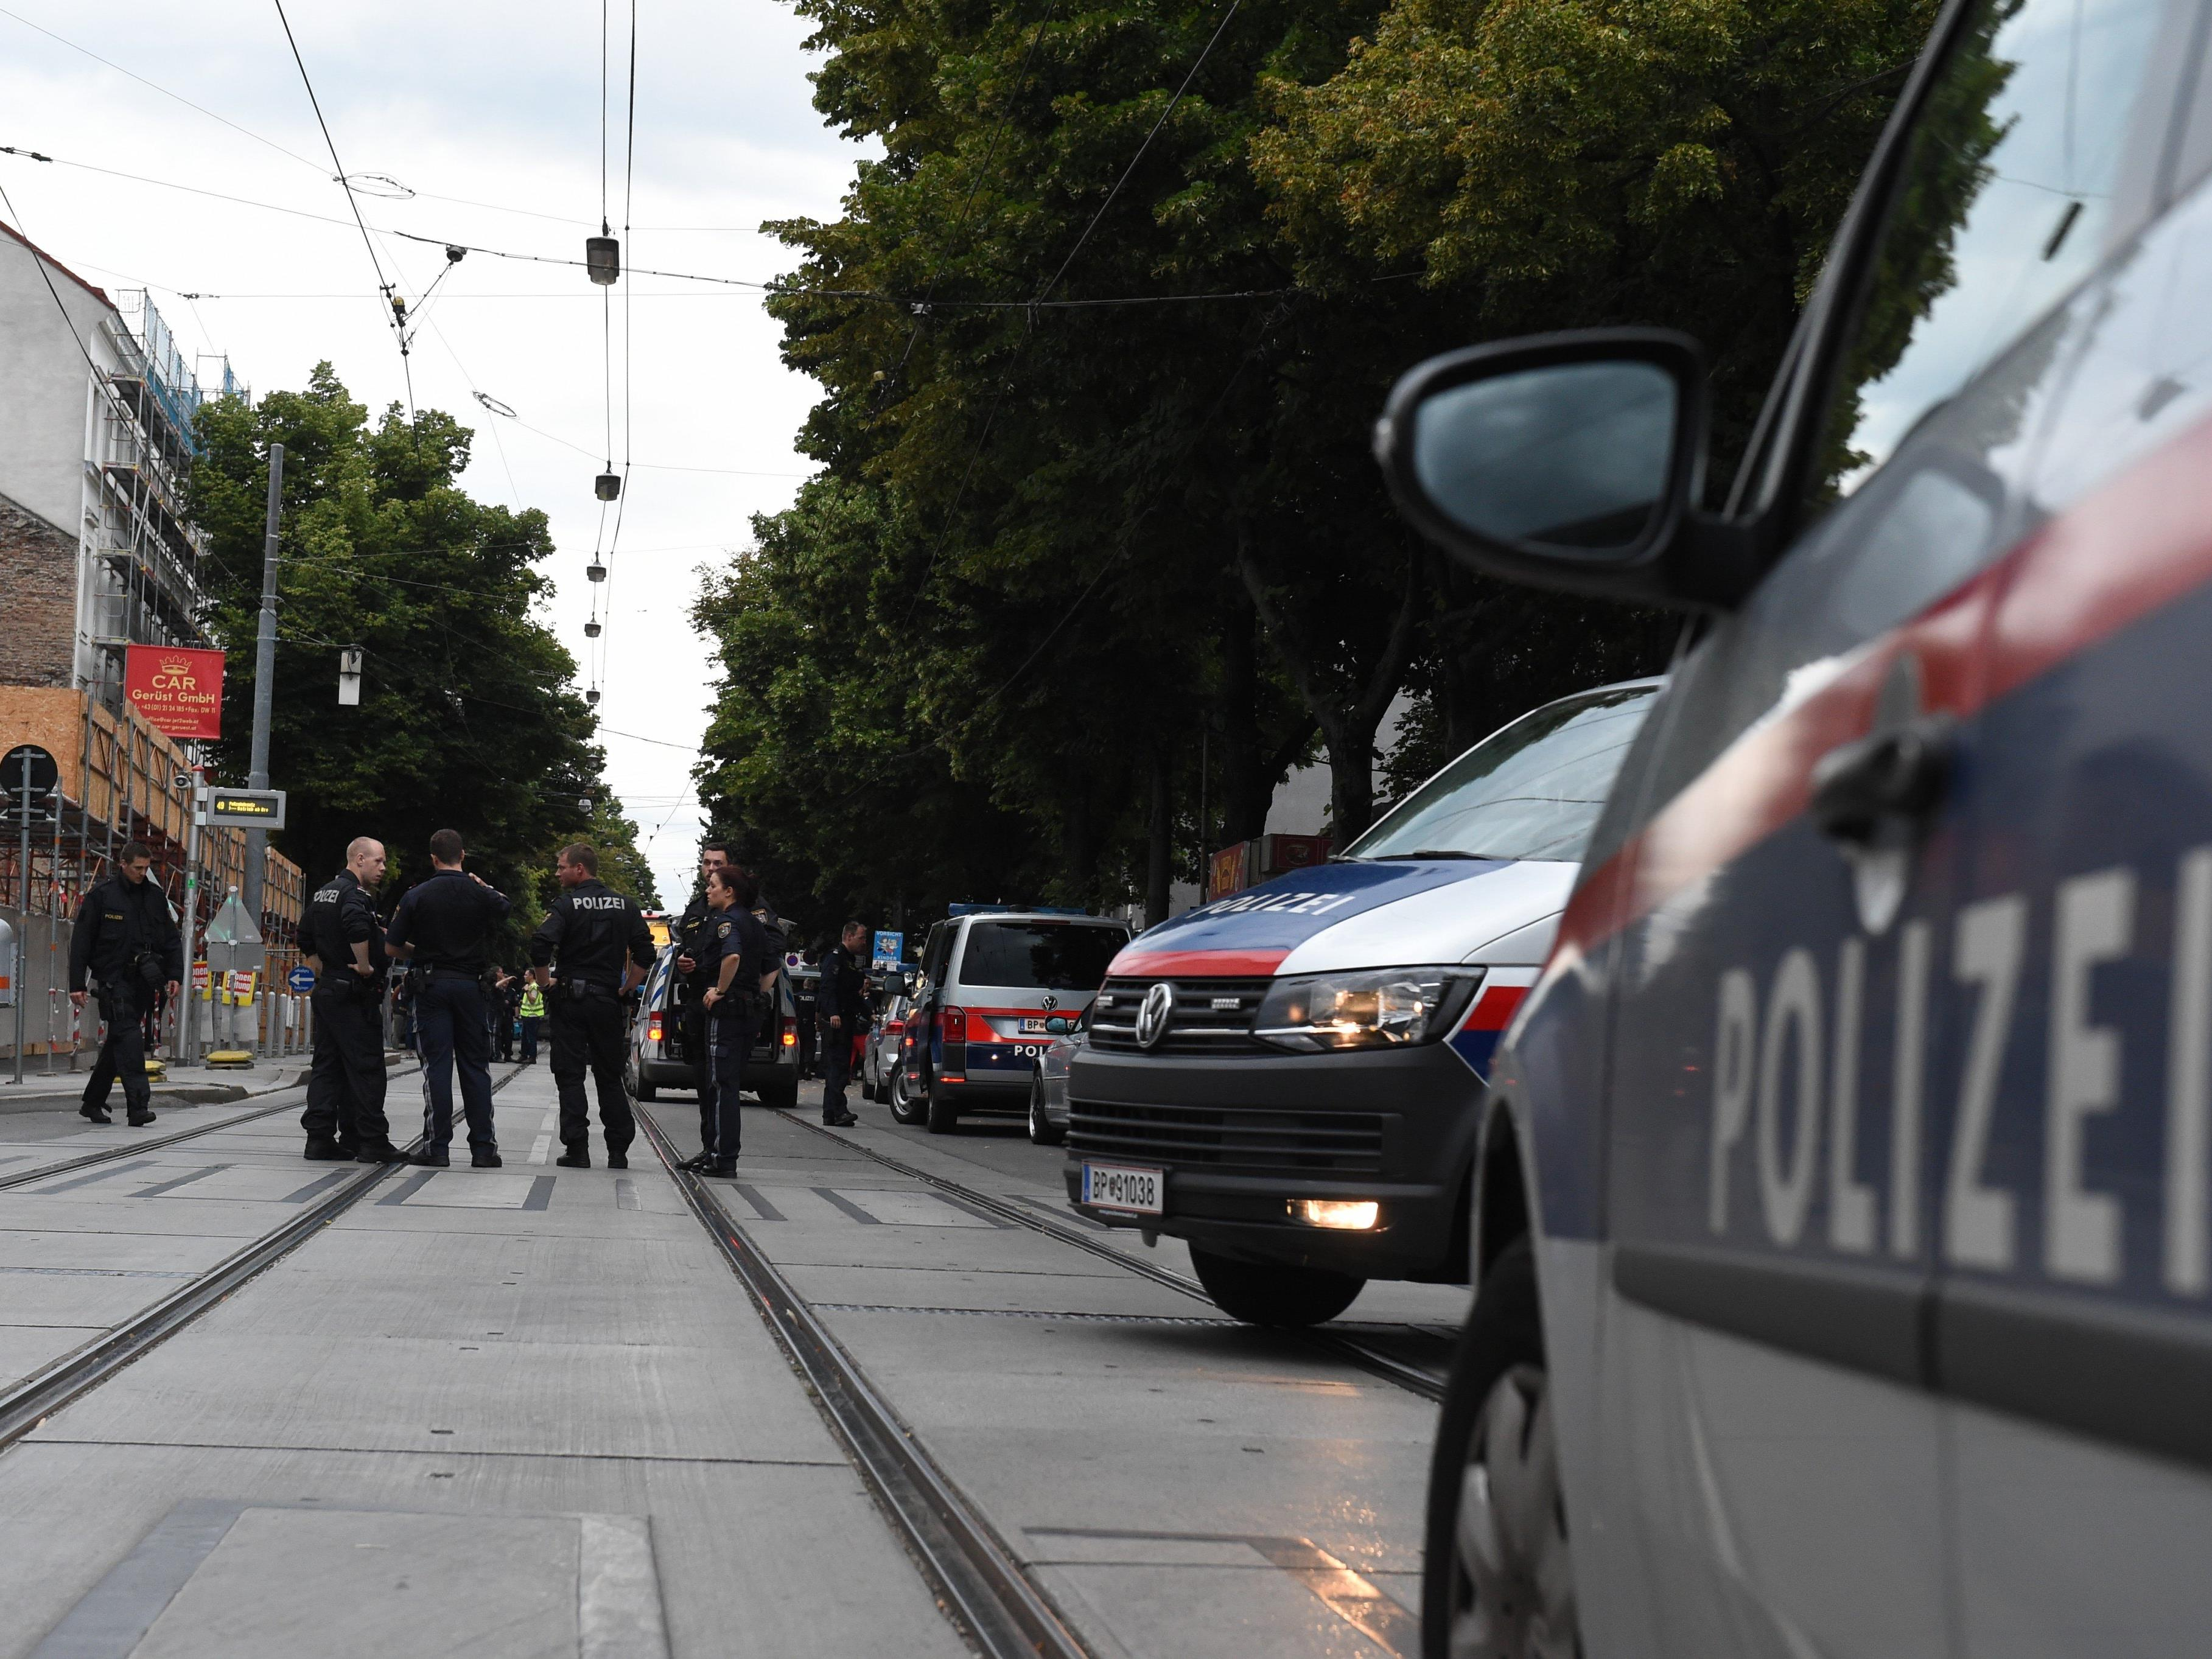 Der schwerst verletzte Polizist schwebt weiter in Lebensgefahr.